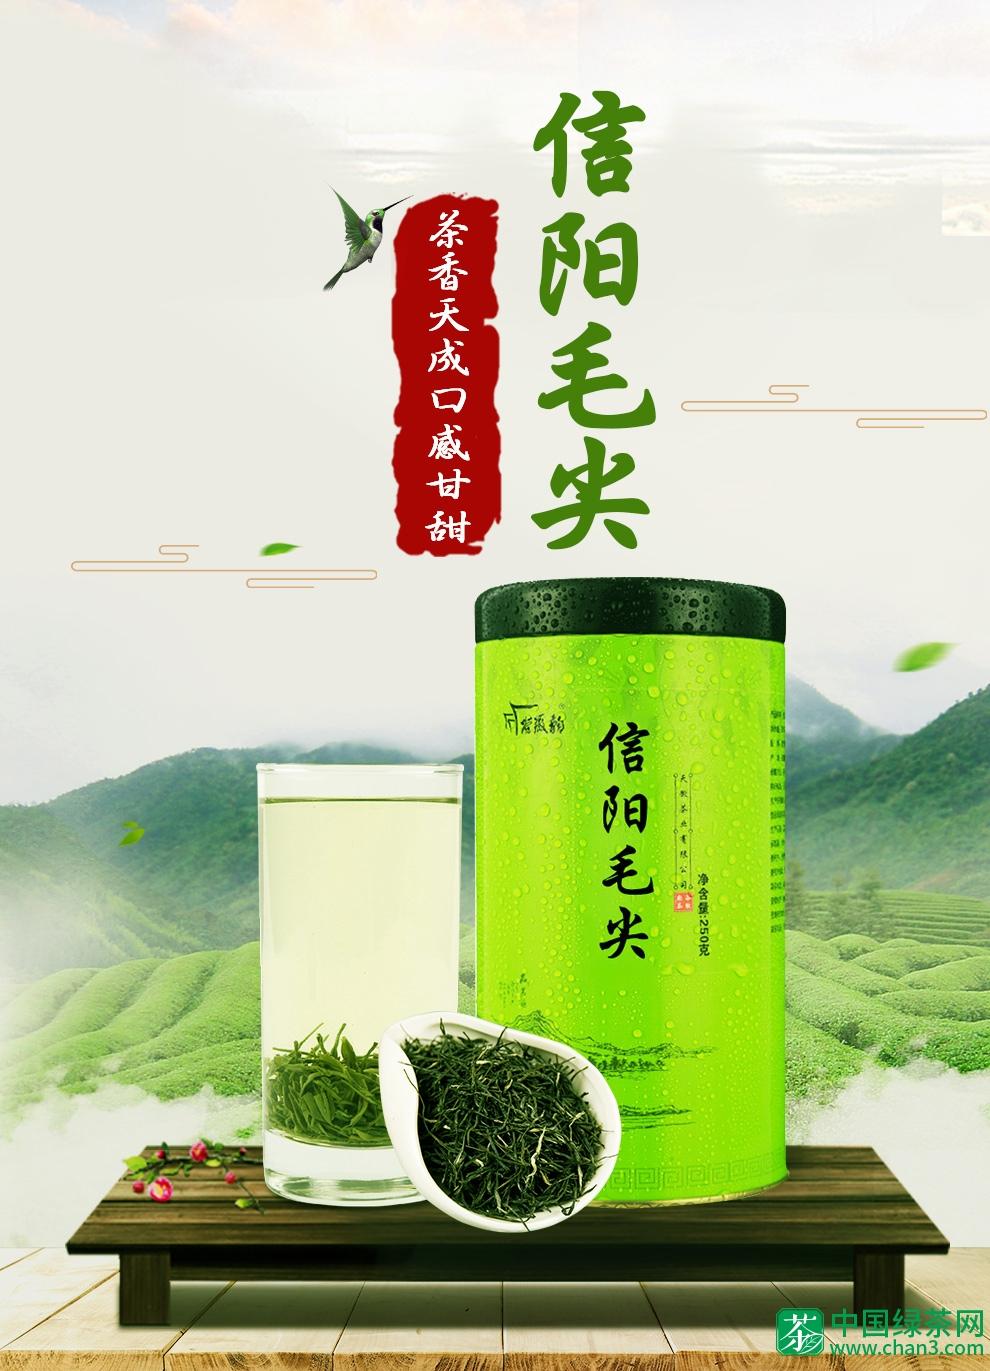 谷徽韵信阳毛尖特级绿茶毛尖春茶250g新茶茶叶